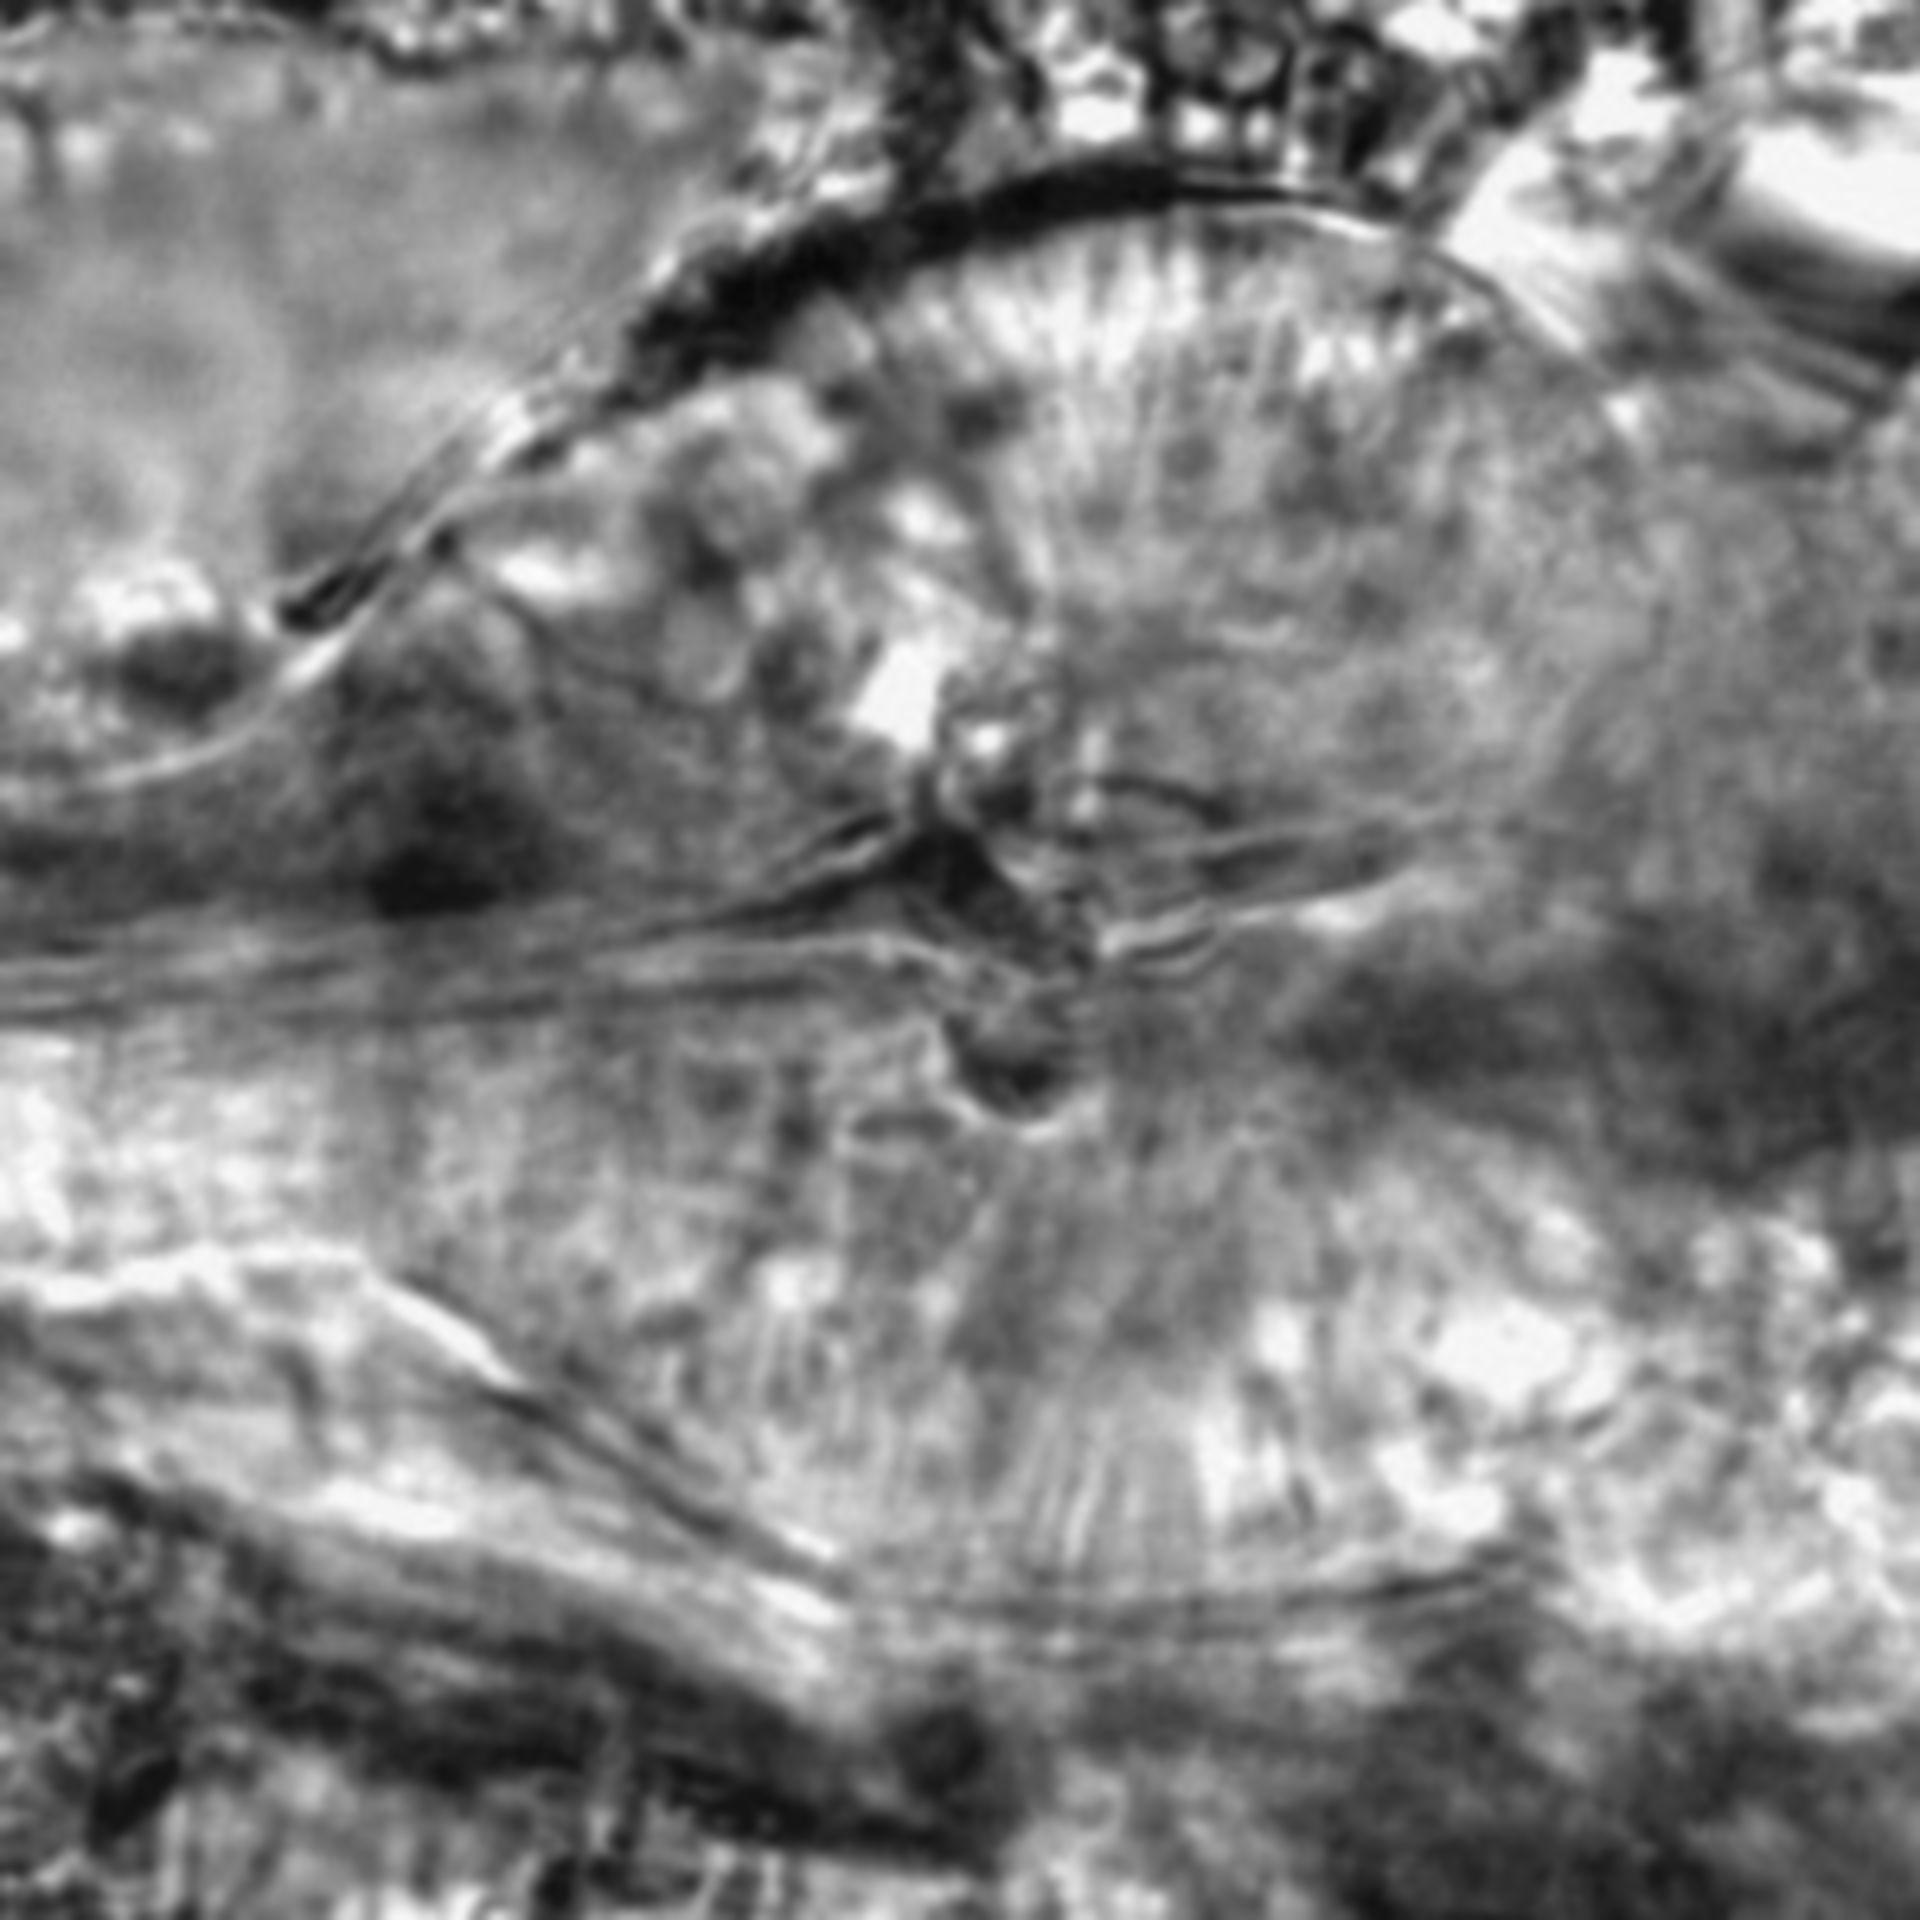 Caenorhabditis elegans - CIL:2155